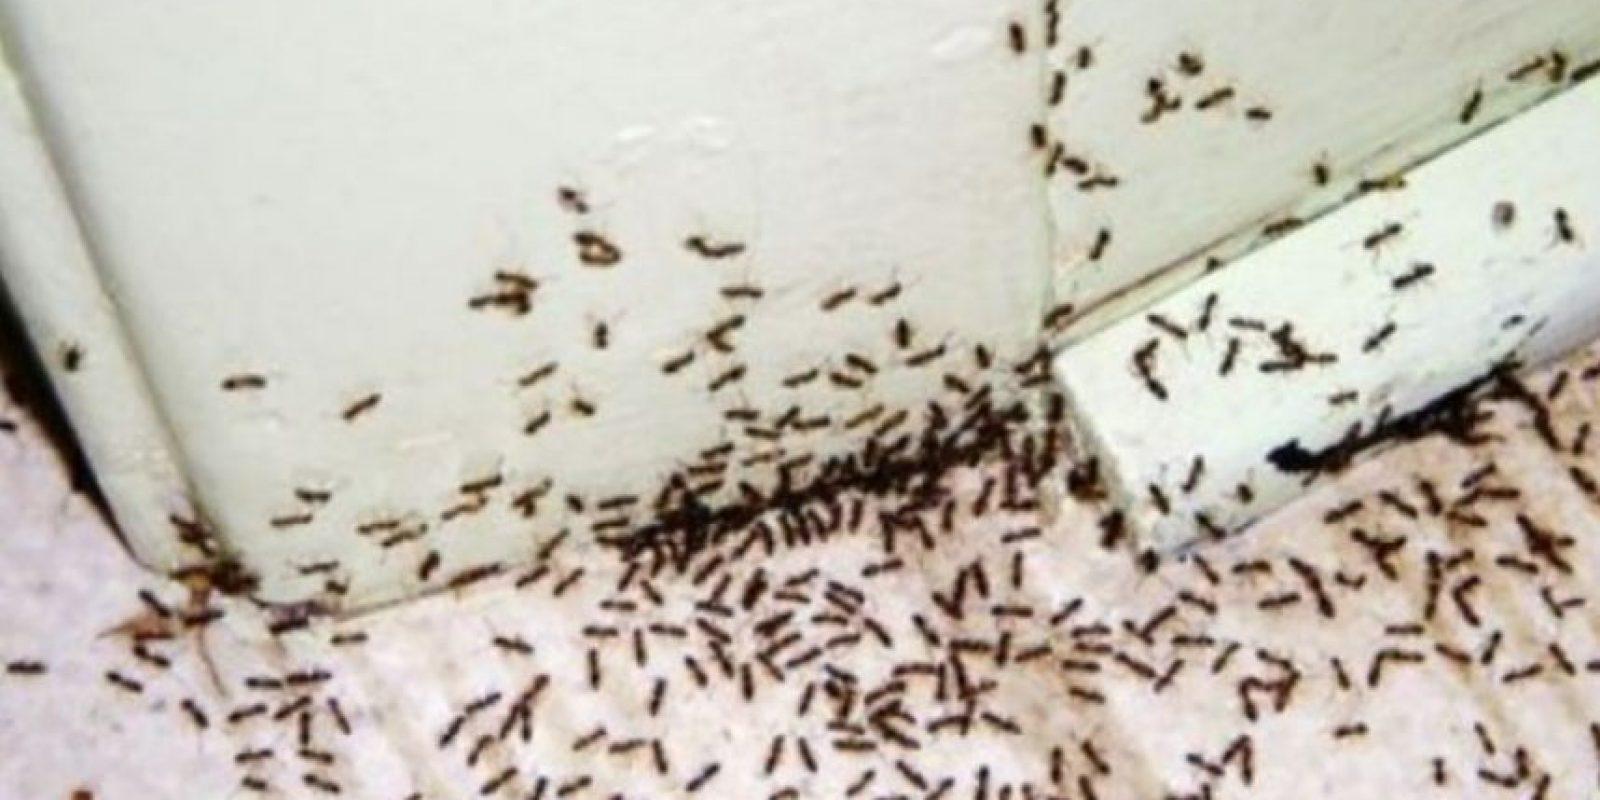 Asimismo, las hormigas también atacan a viajeros desprevenidos al meterse por sus cavidades corporales. Esto pasó con un viajero en un safari africano. Foto:vía Tumblr.com